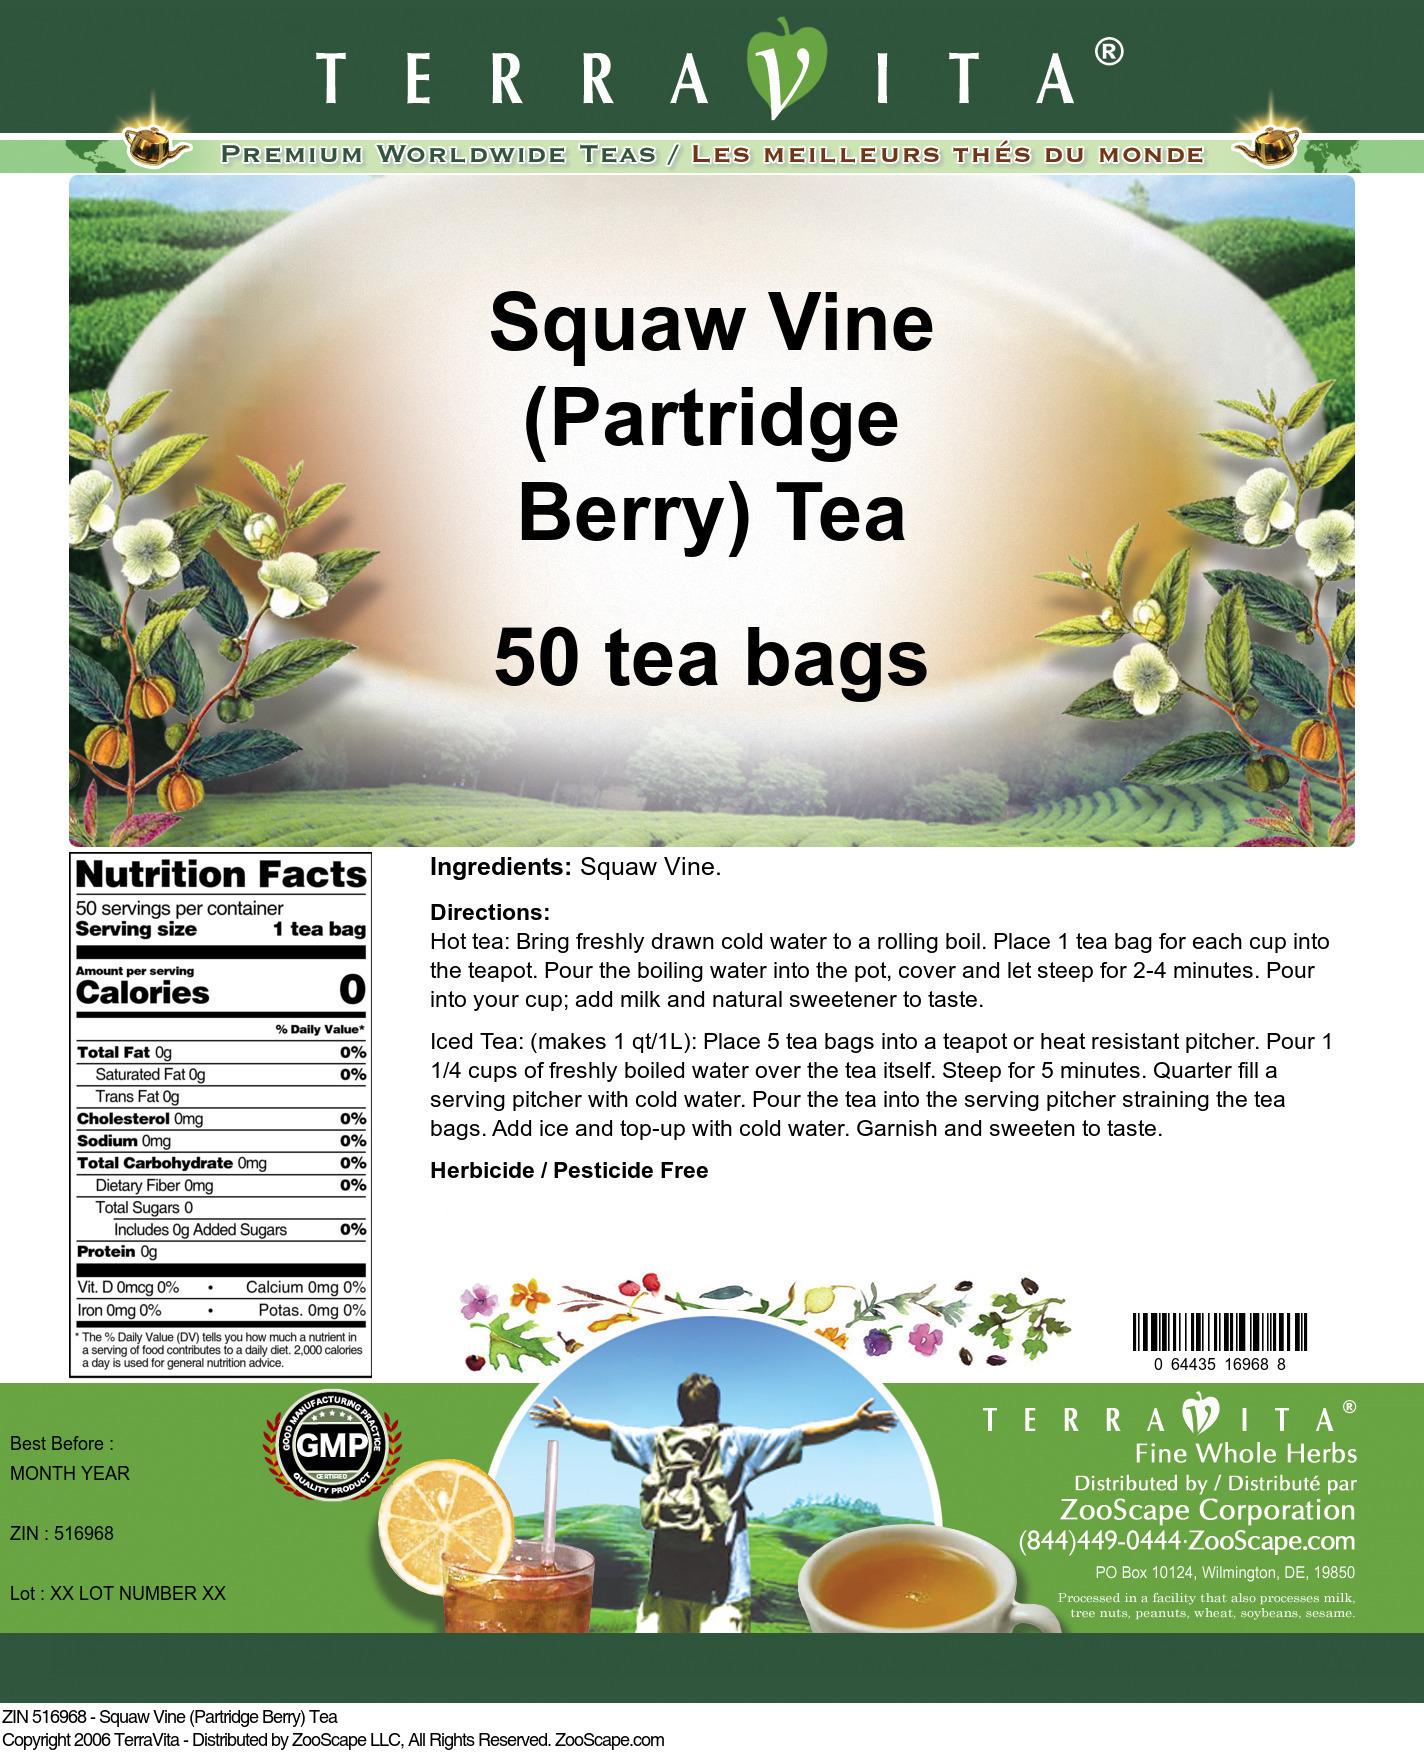 Squaw Vine (Partridge Berry) Tea